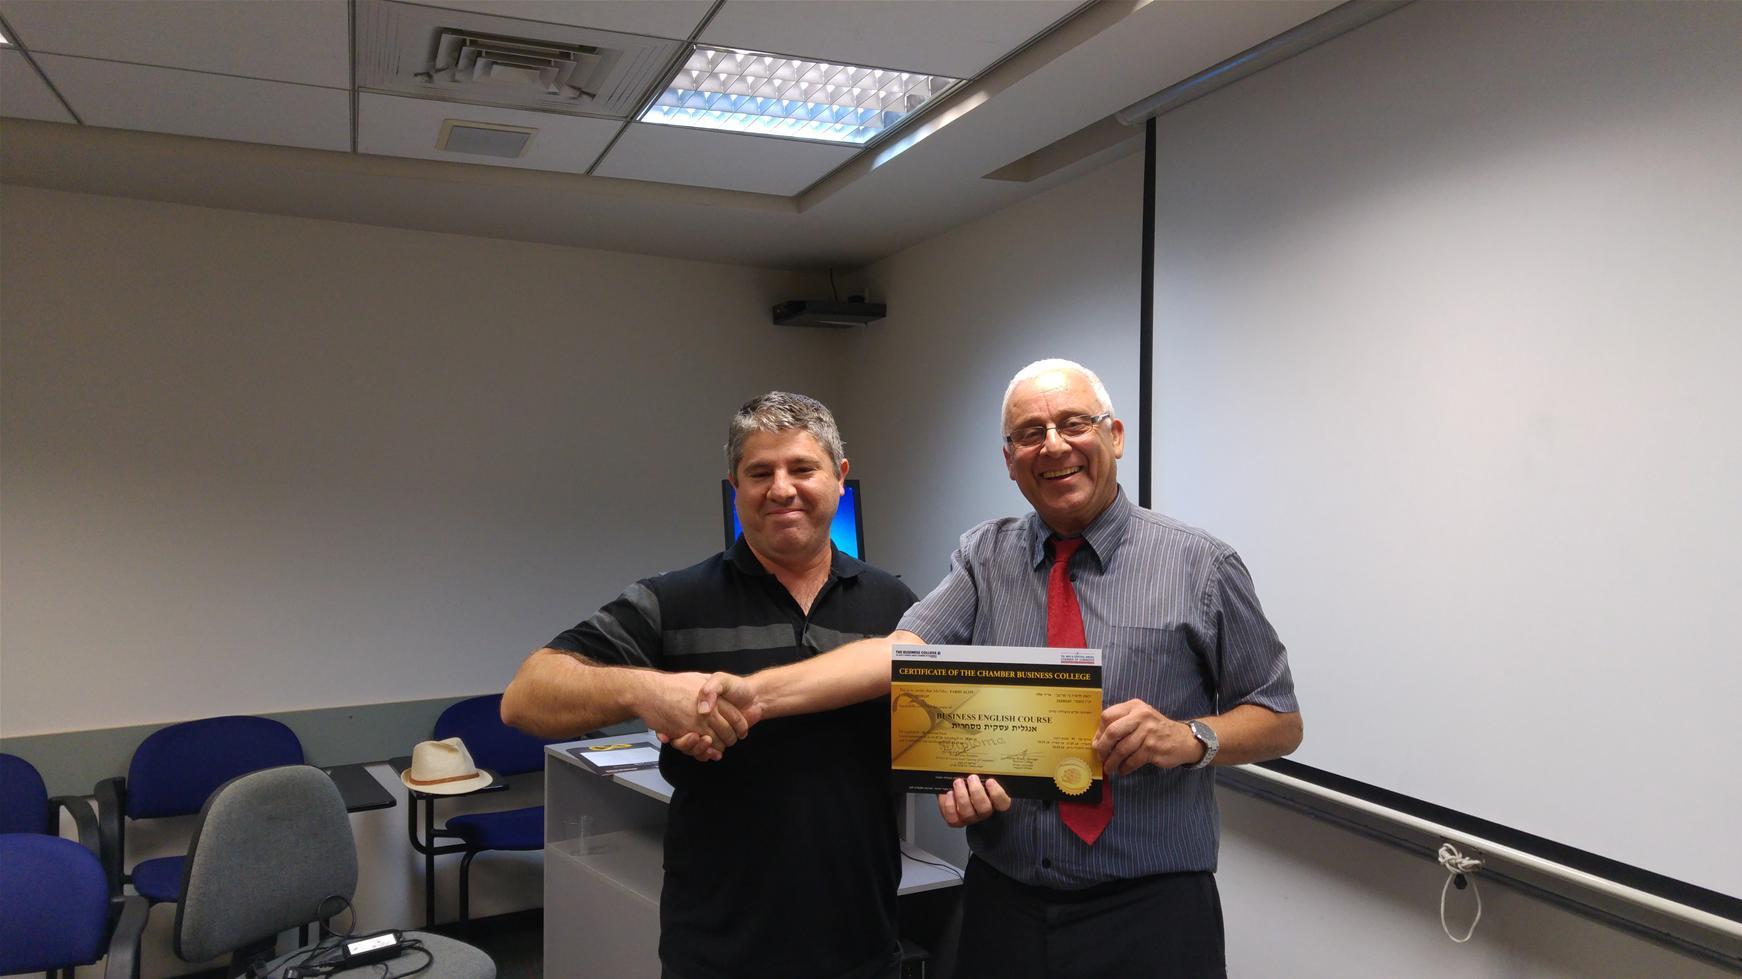 סיום קורס אנגלית עסקית ומסחרית מחזור 29